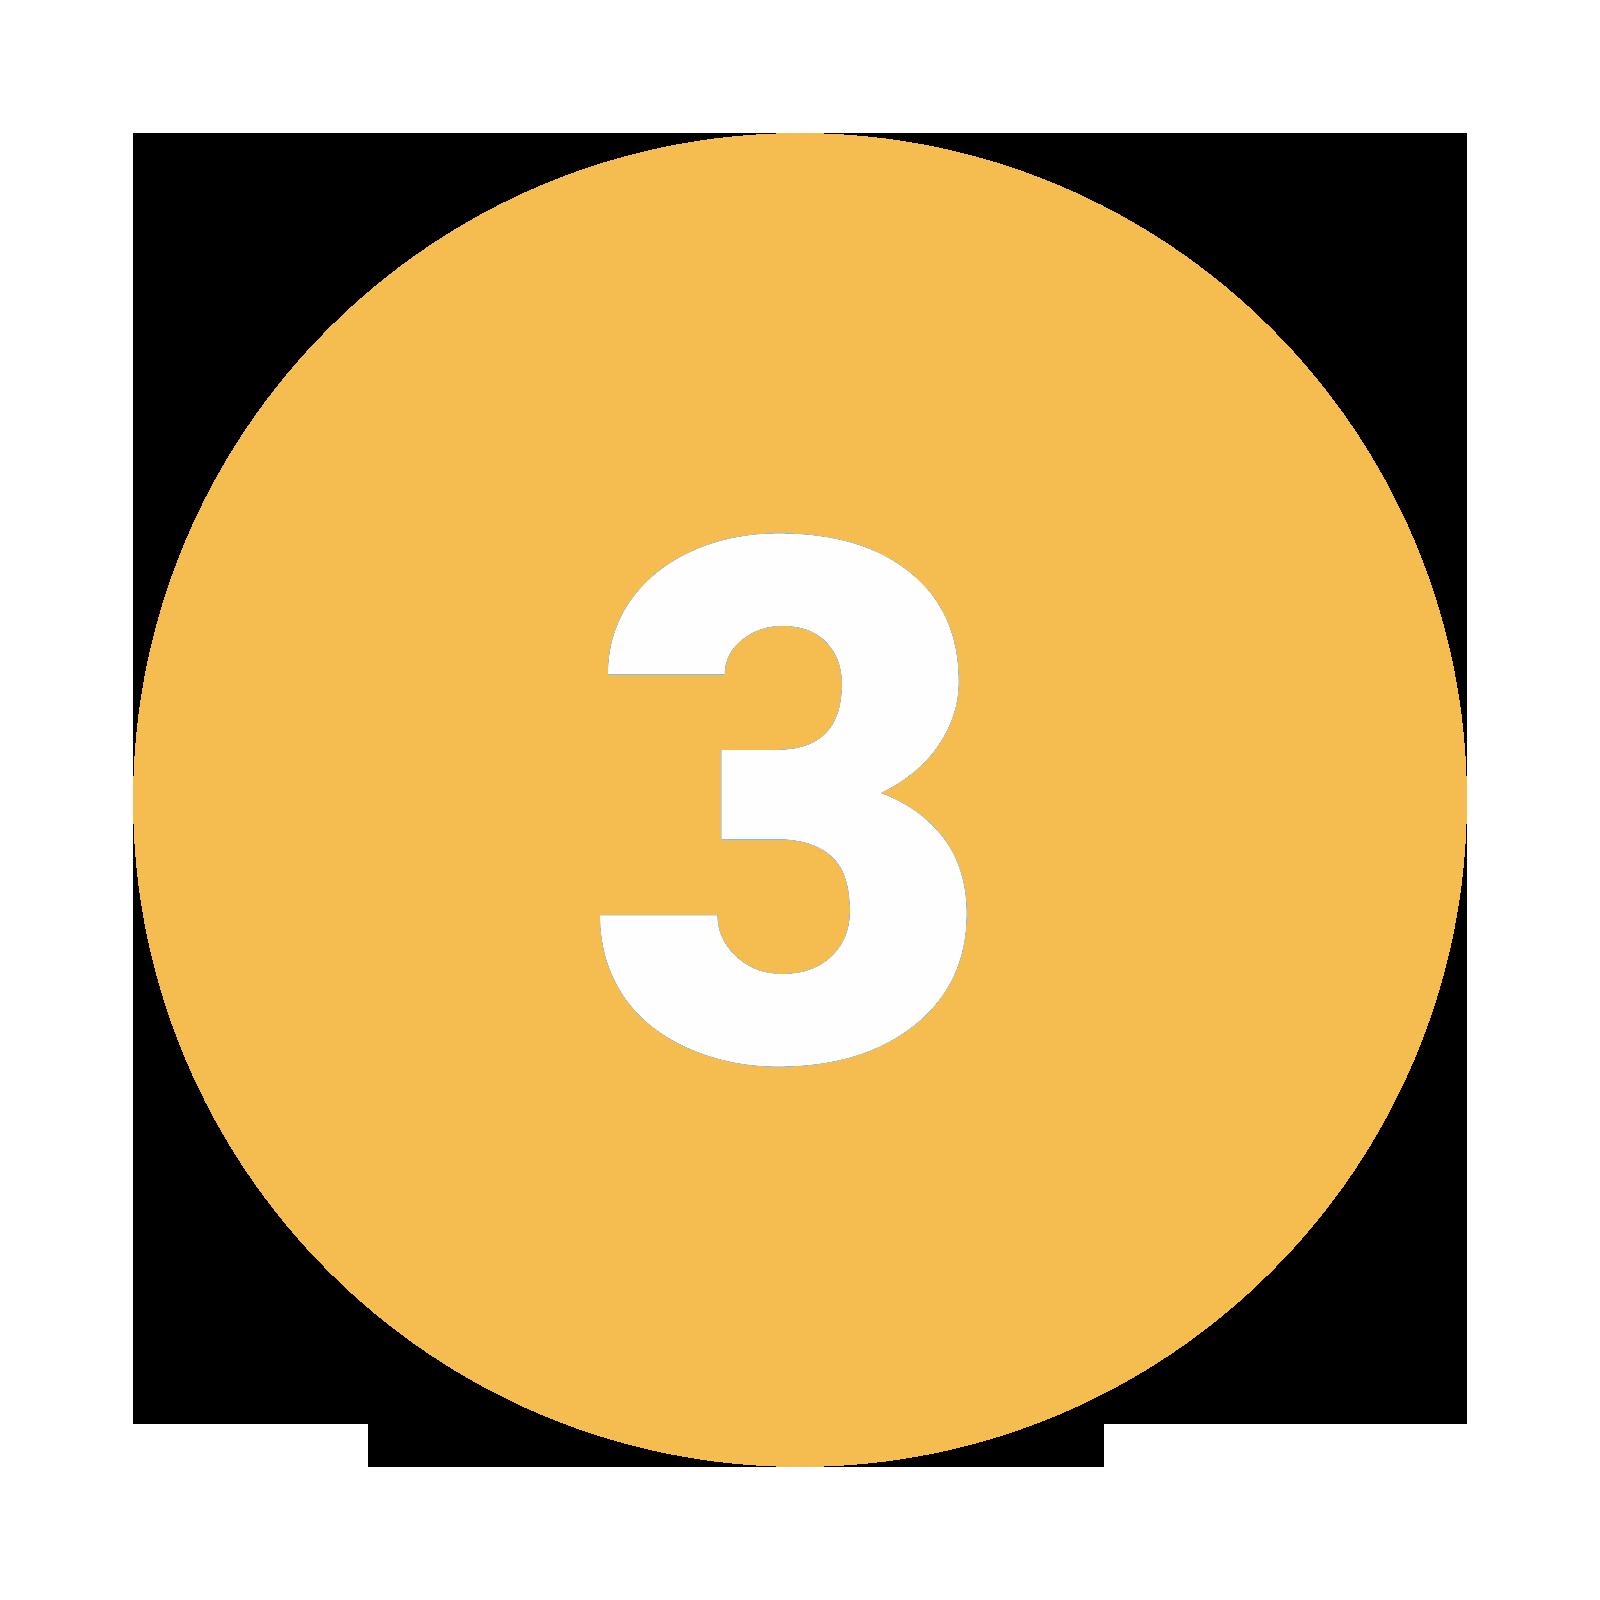 Livello tre